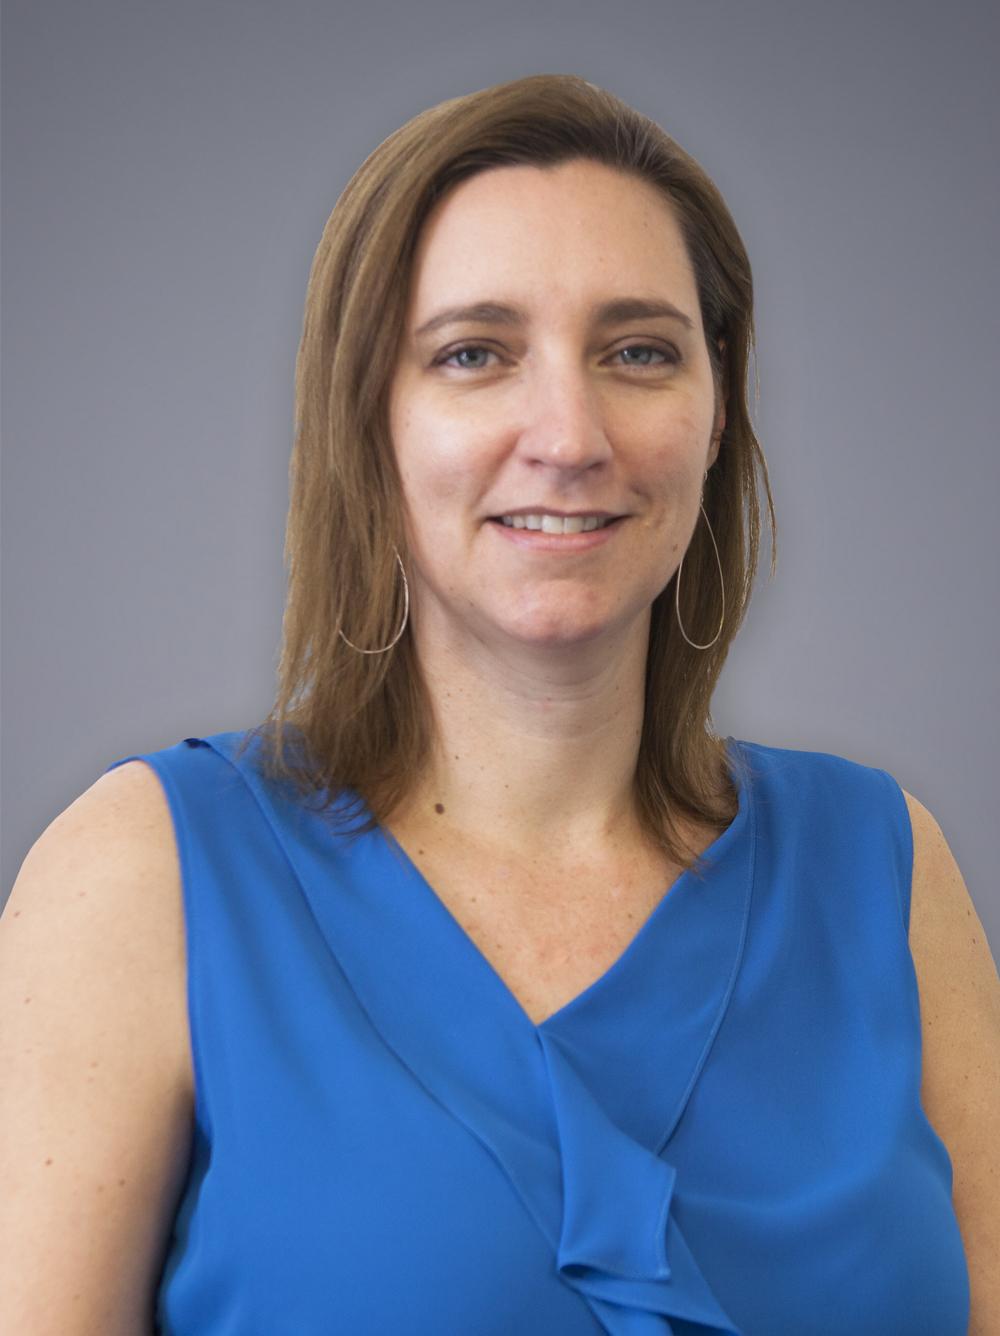 Heather Dorsey